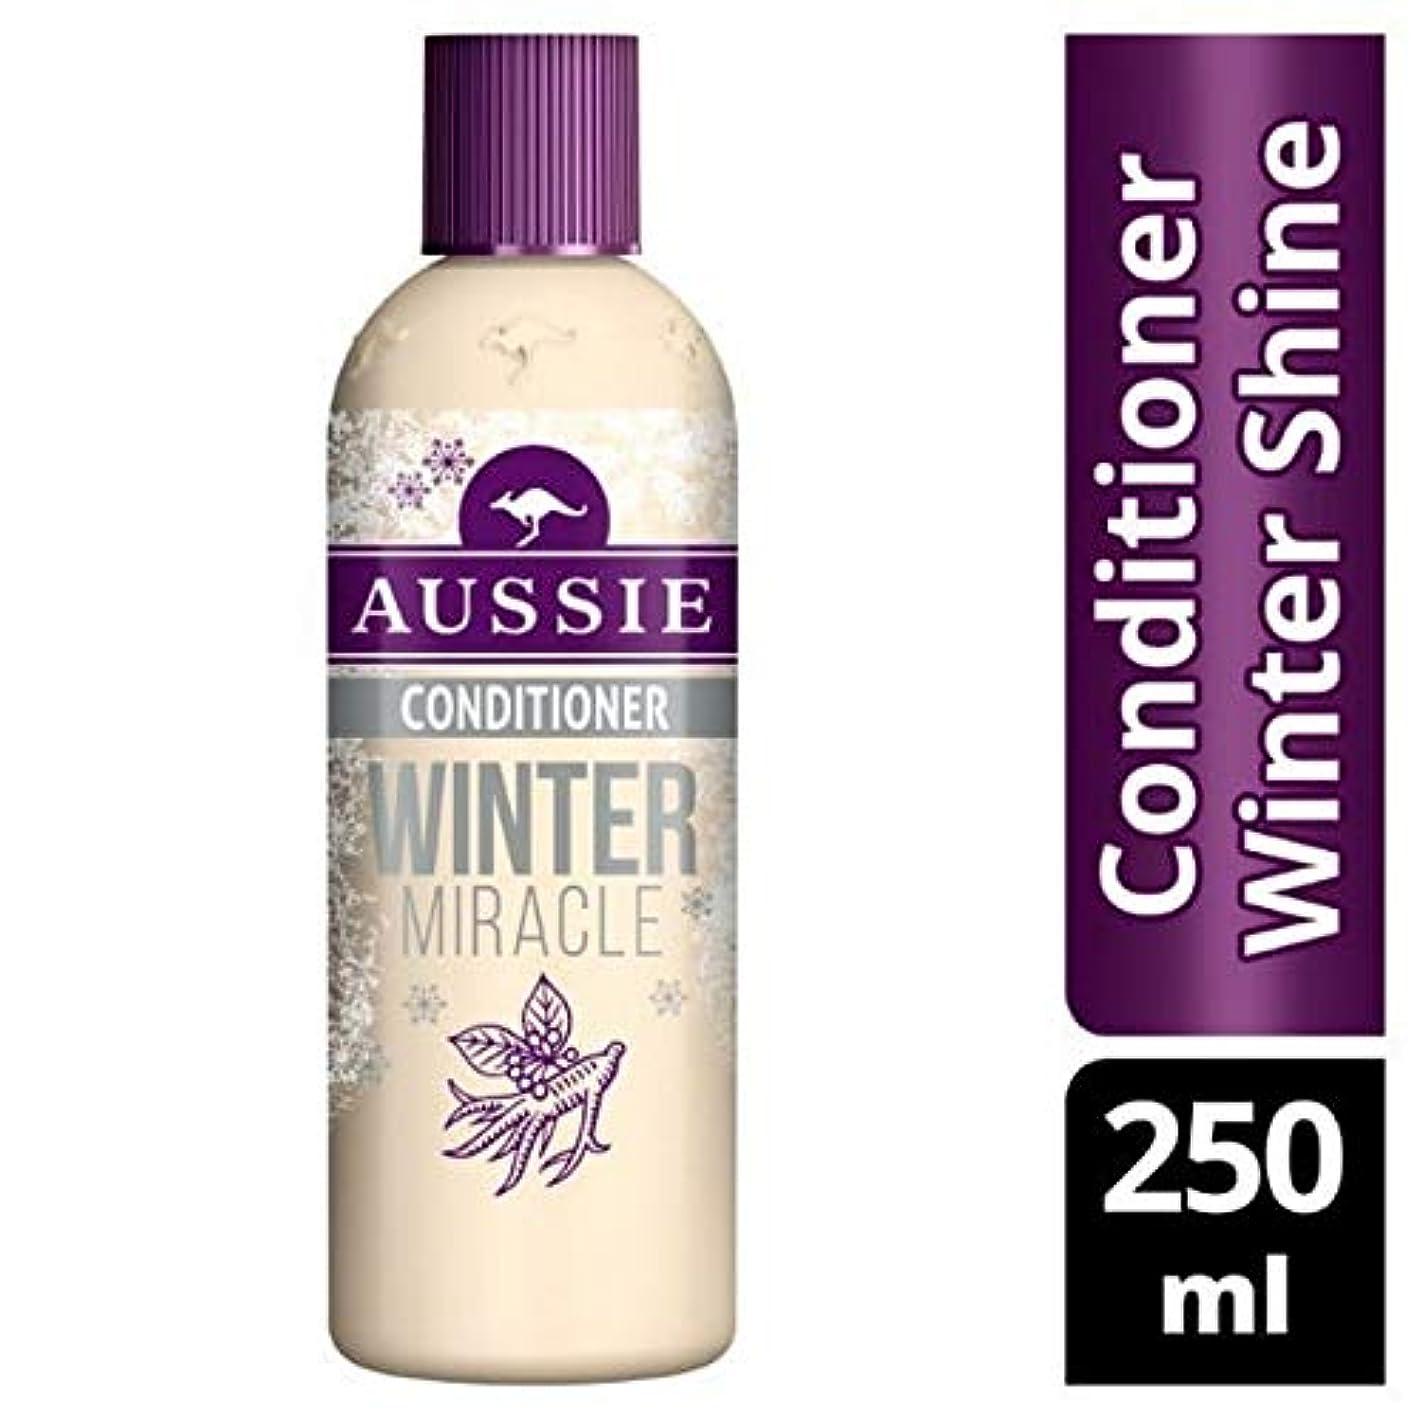 苦味マッサージアクション[Aussie ] 鈍い、疲れた髪の250ミリリットルのためのオーストラリアコンディショナー冬の奇跡 - Aussie Conditioner Winter Miracle For Dull, Tired Hair 250ml...